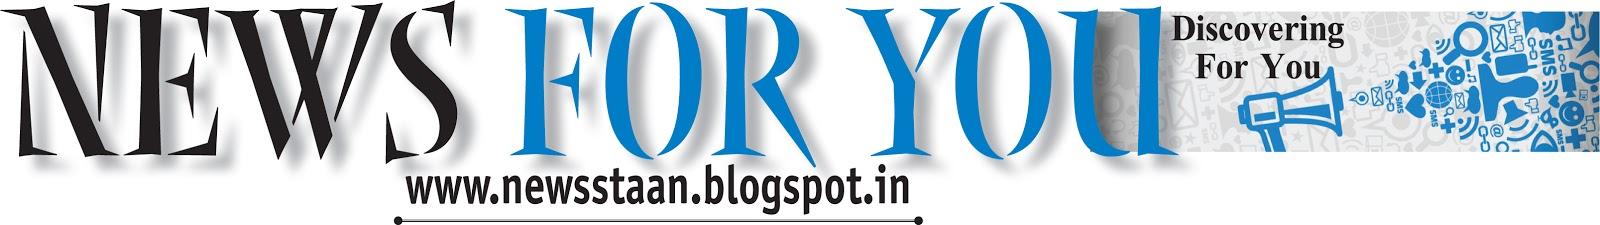 https://newsstaan.blogspot.in/